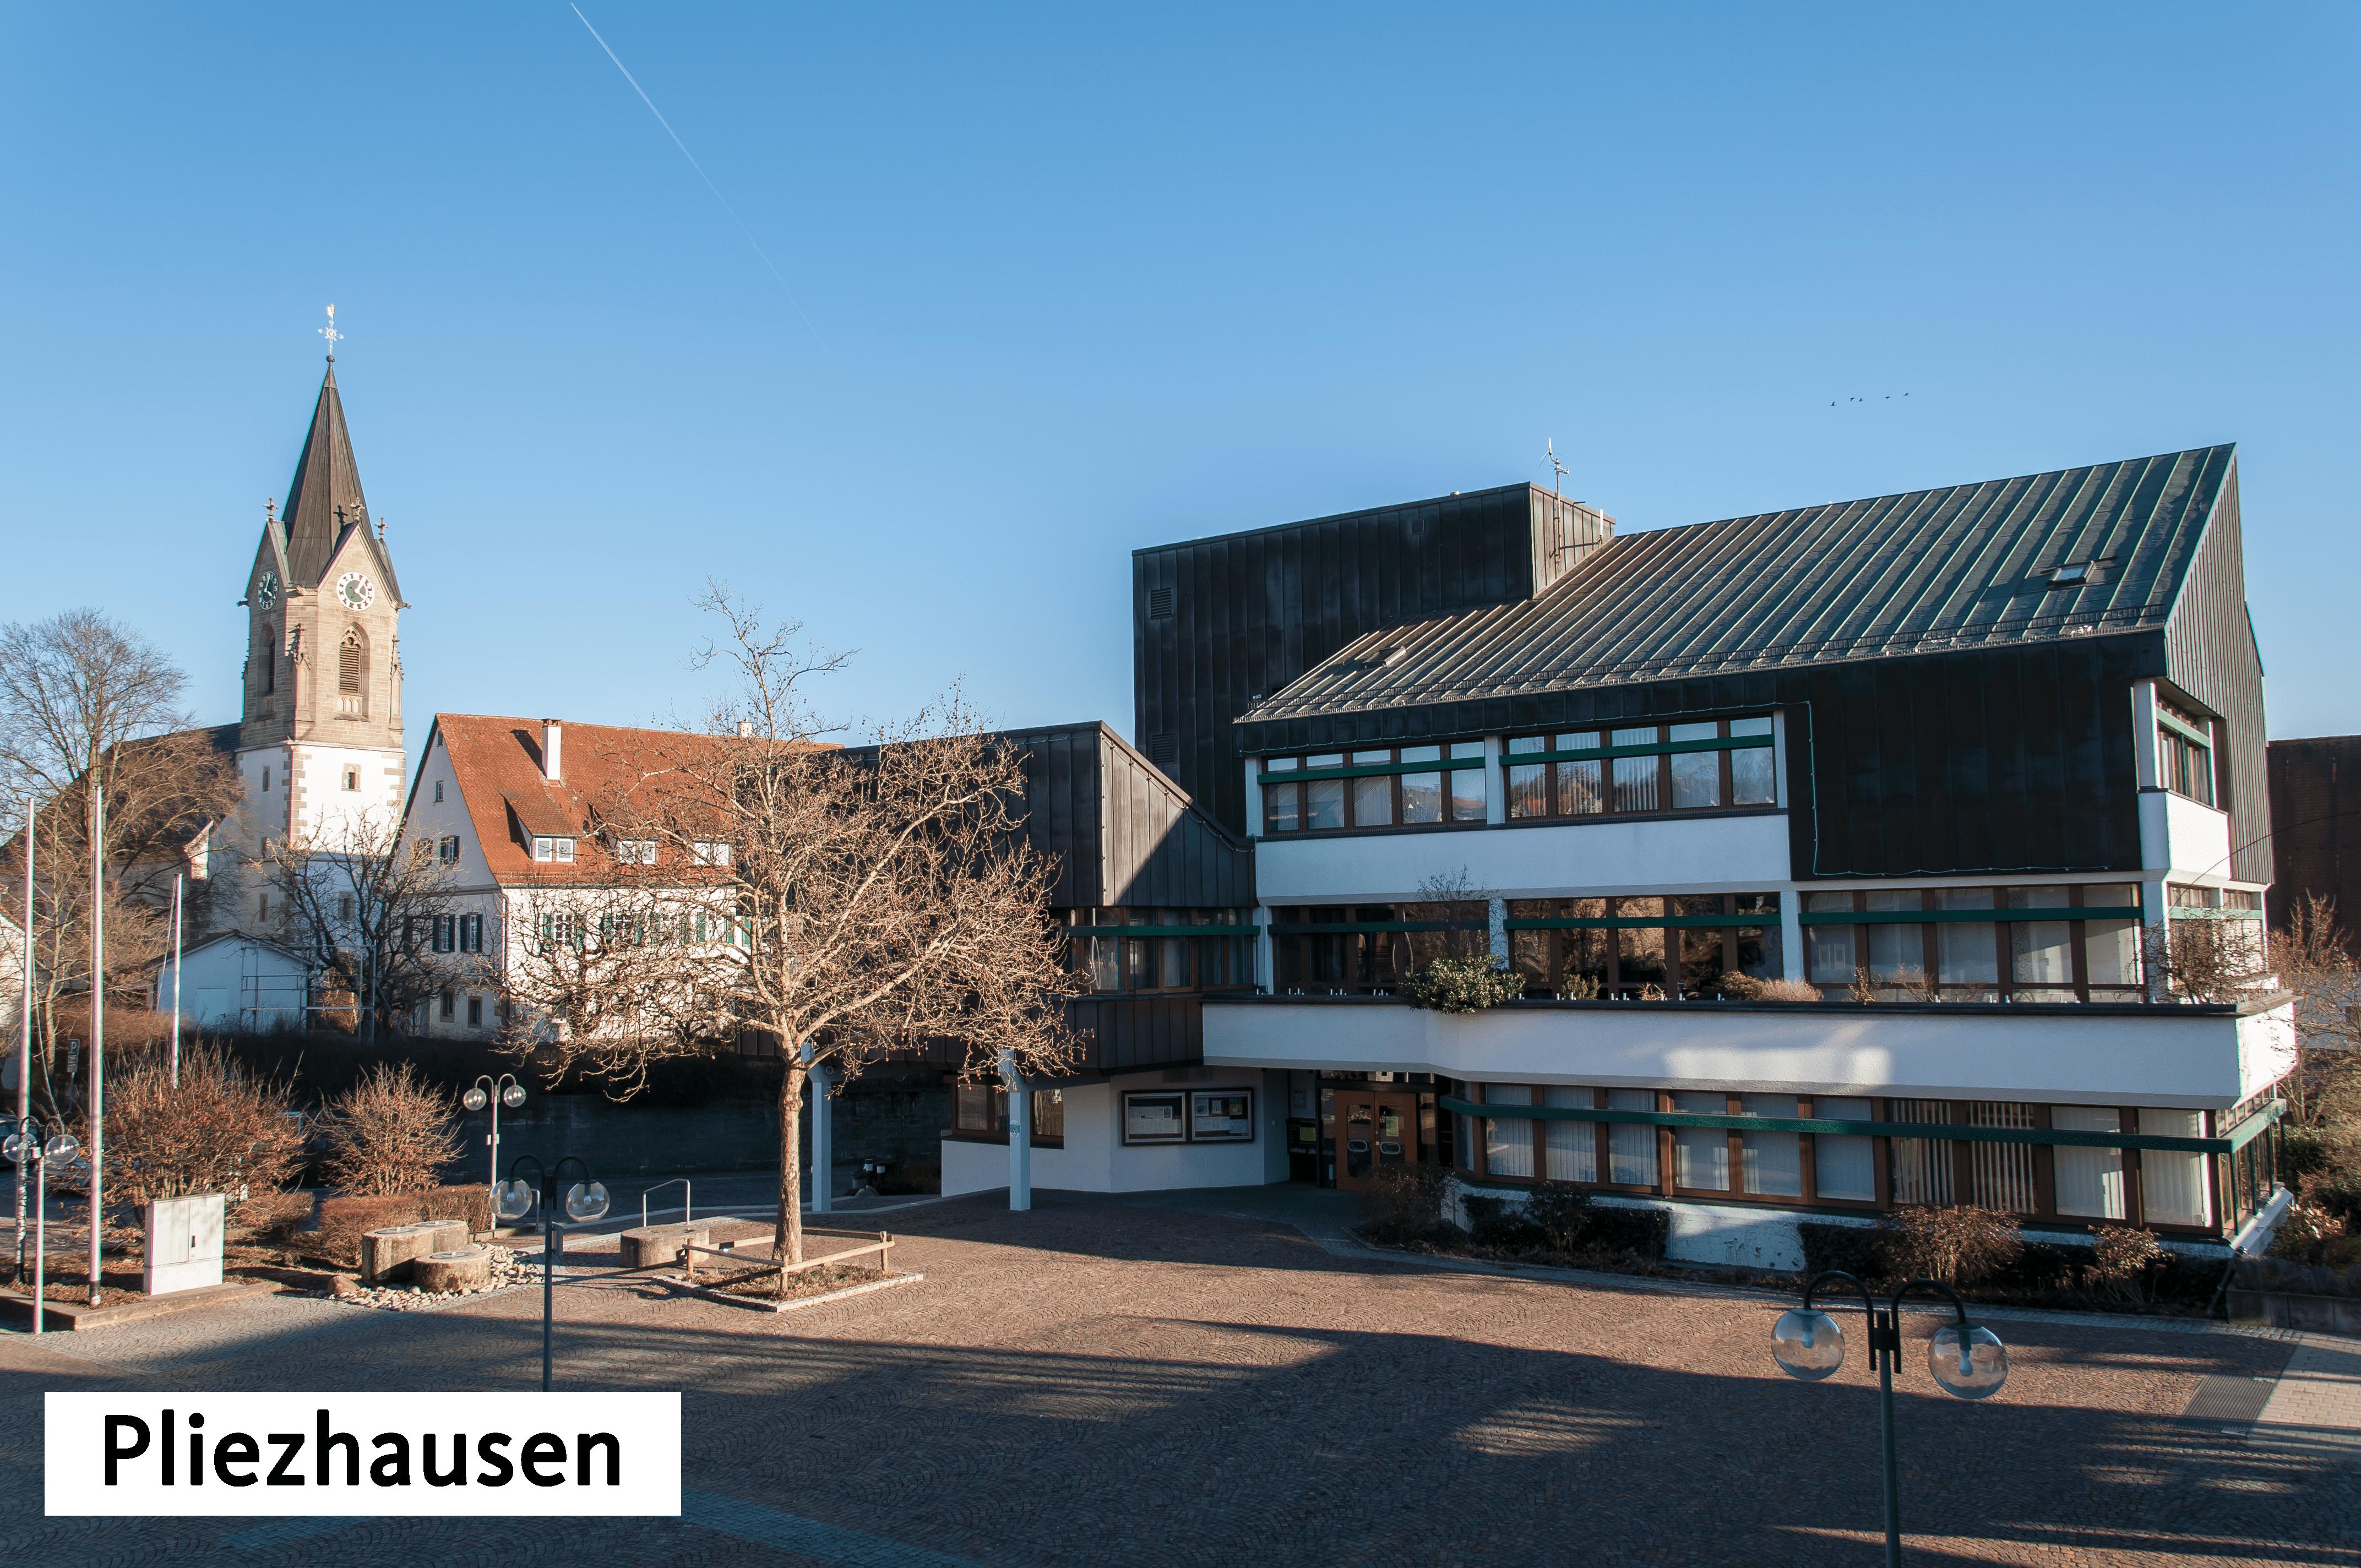 Rathaus Pliezhausen